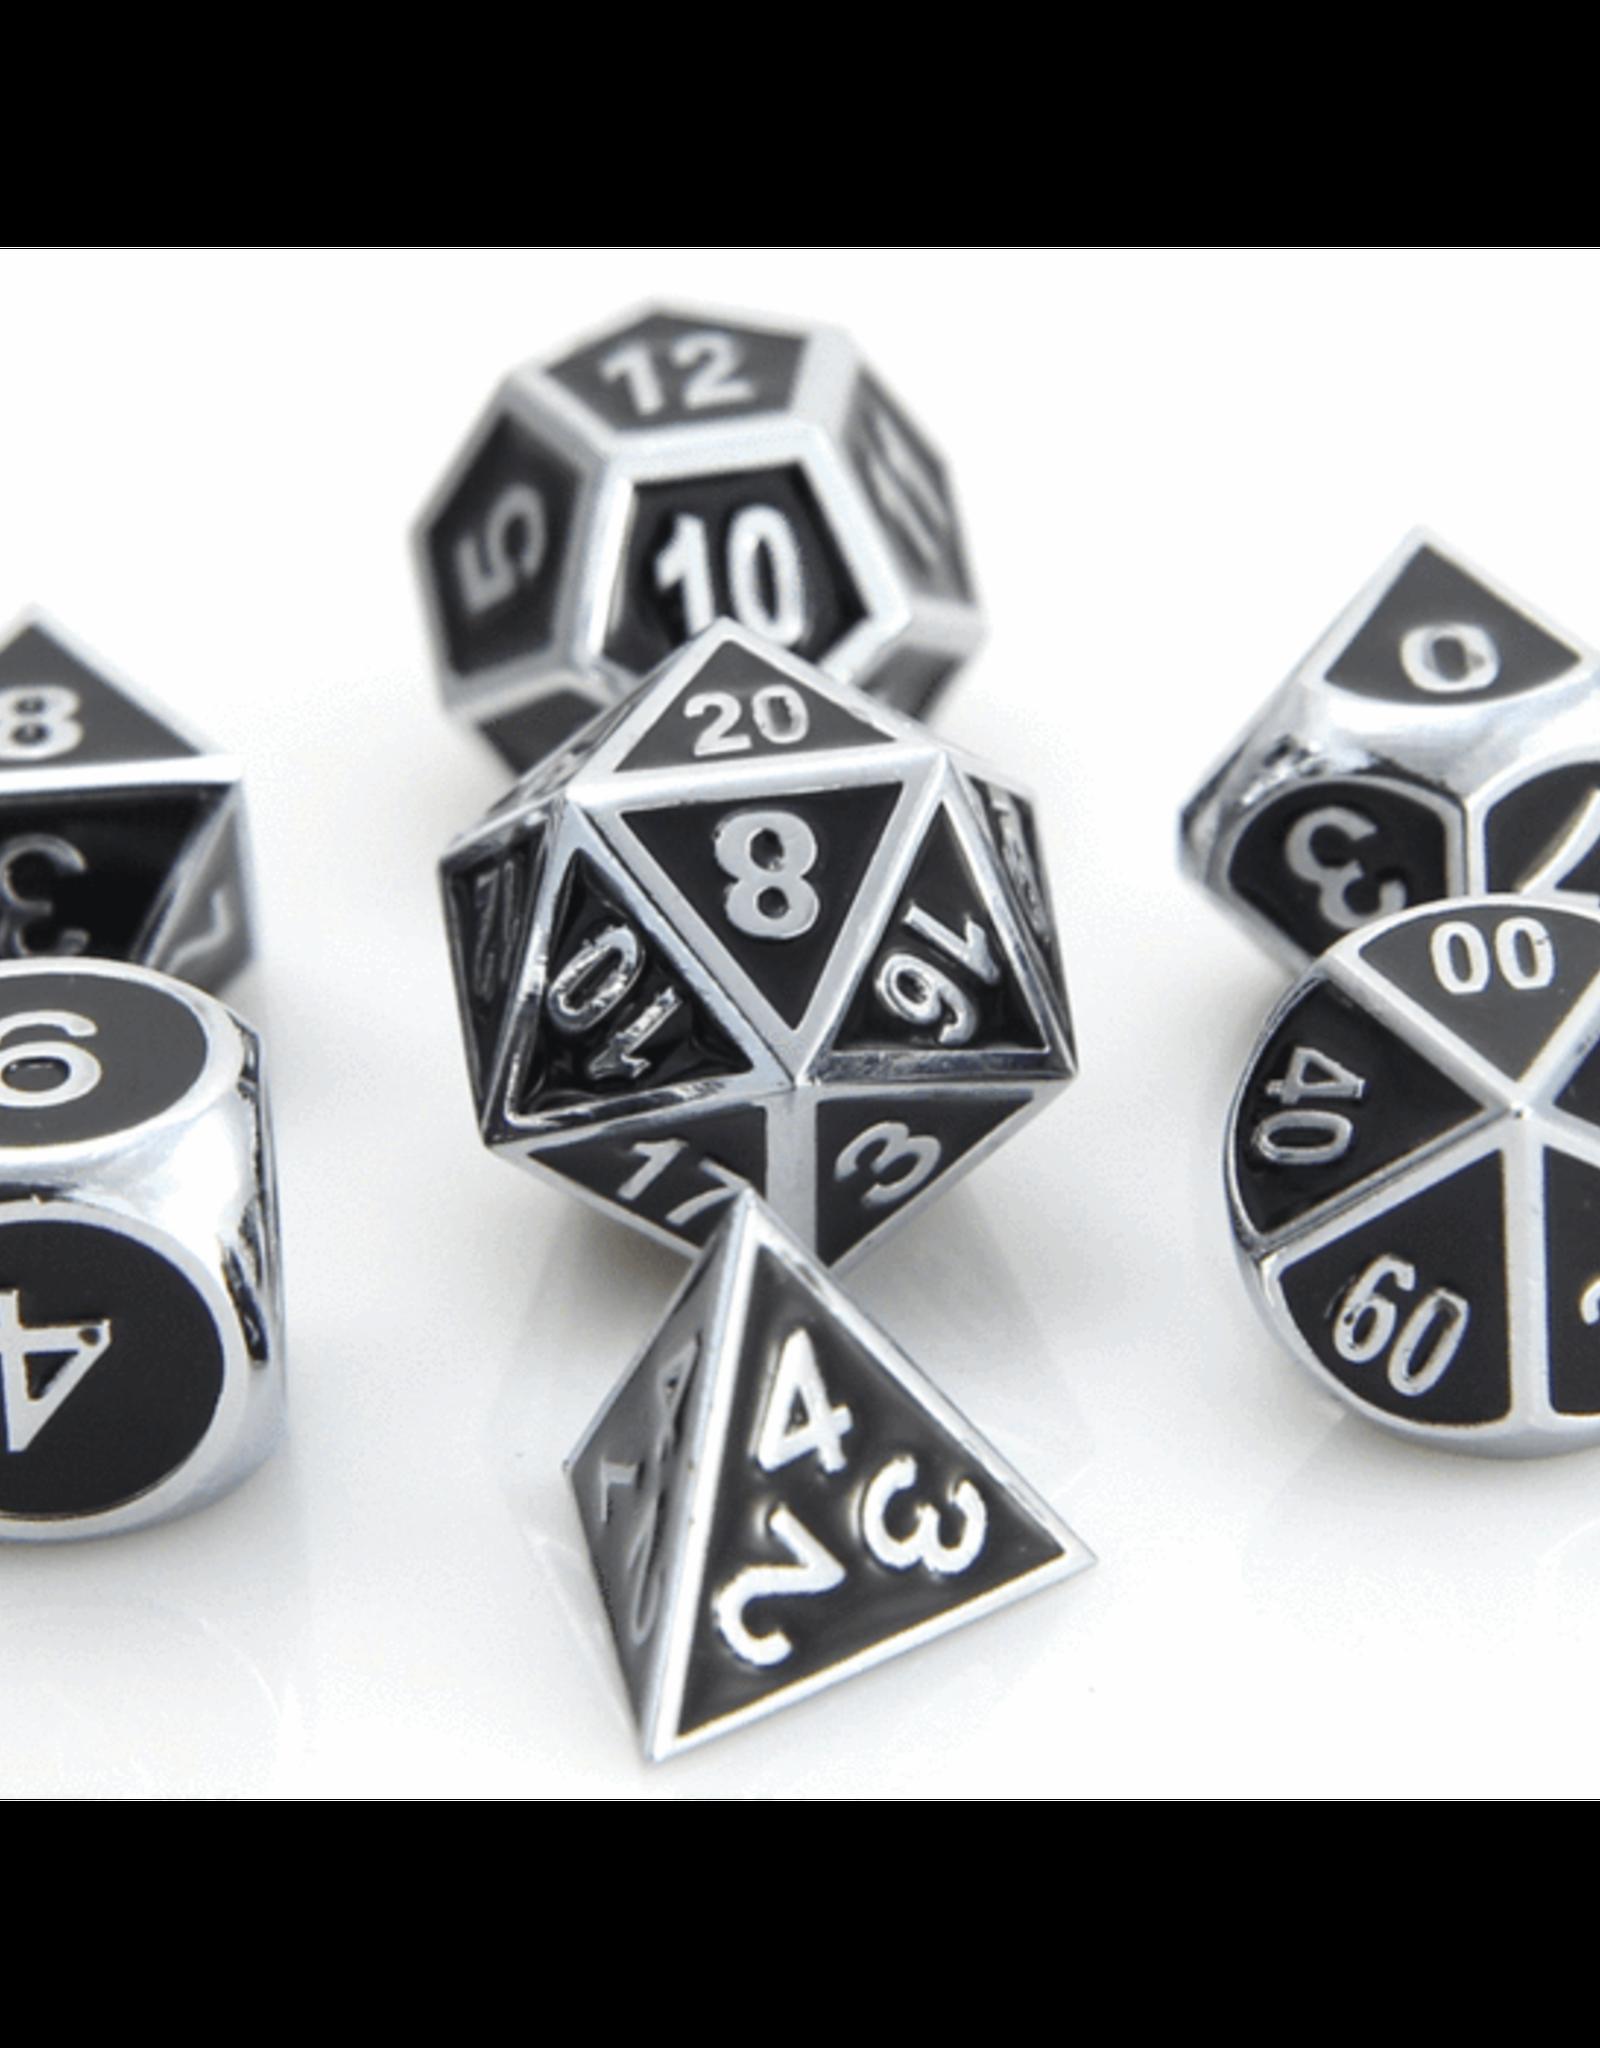 Die Hard Dice Die Hard Metal RPG Gothica Set - Shiny Silver w/Black